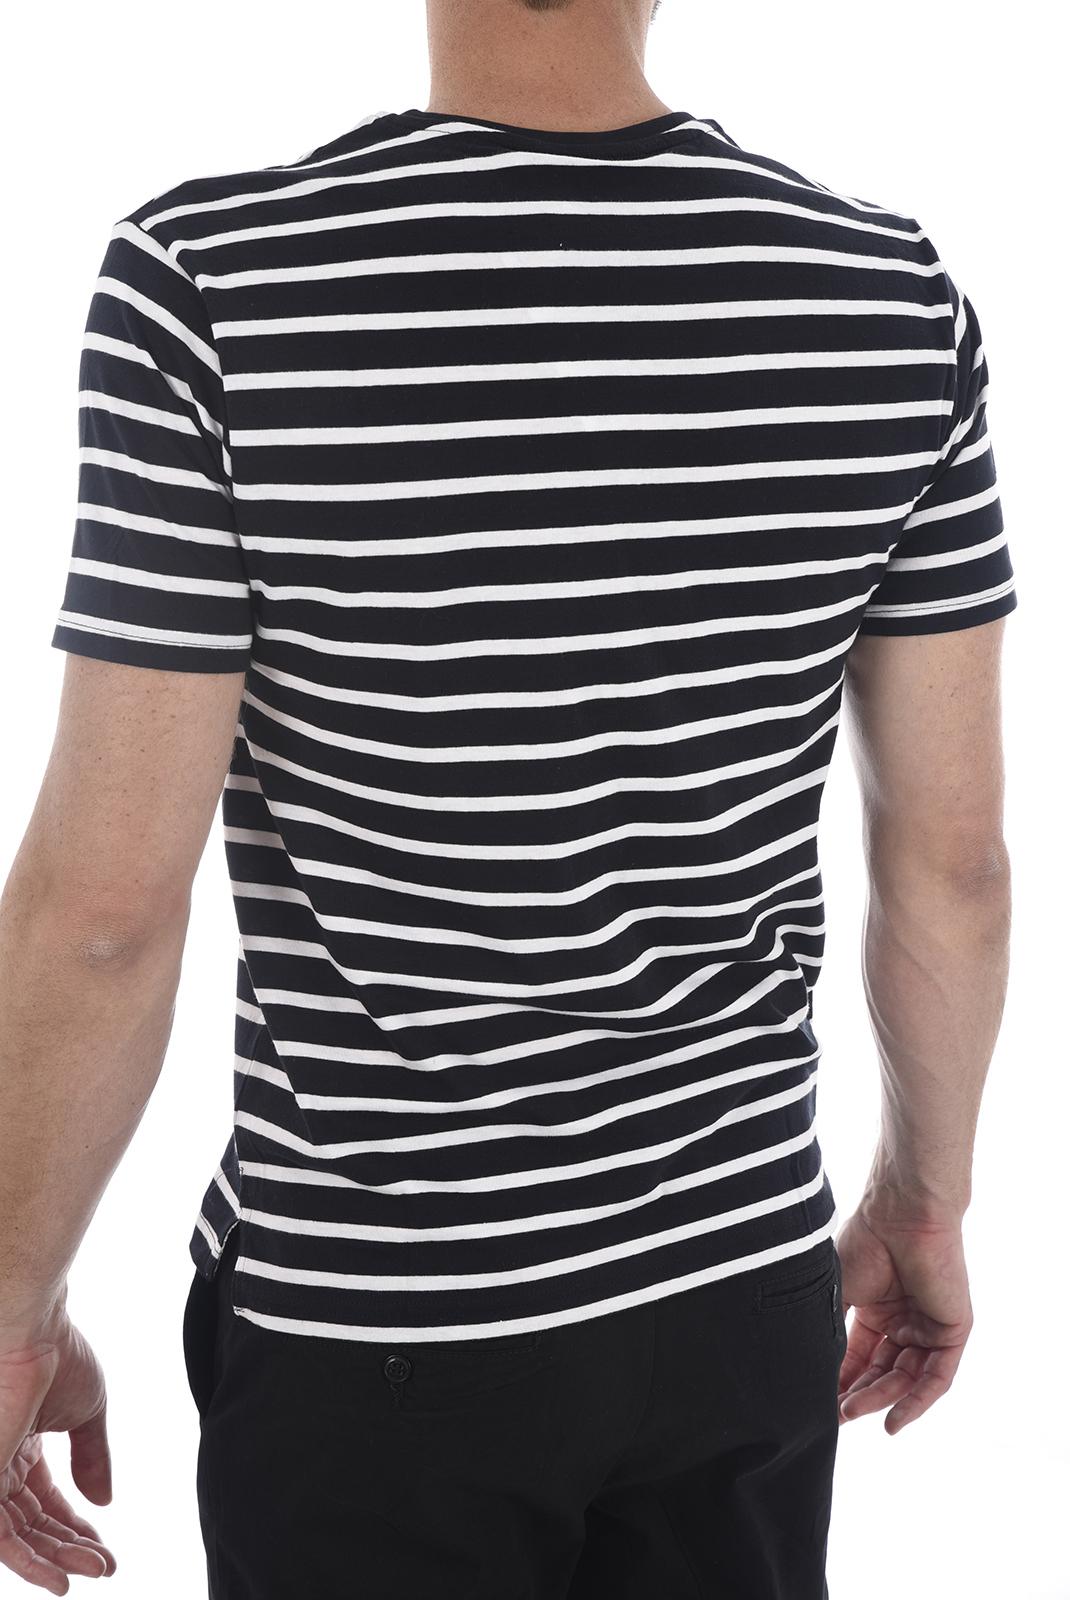 Tee-shirts  Apologize 002M NAVY/WHITE